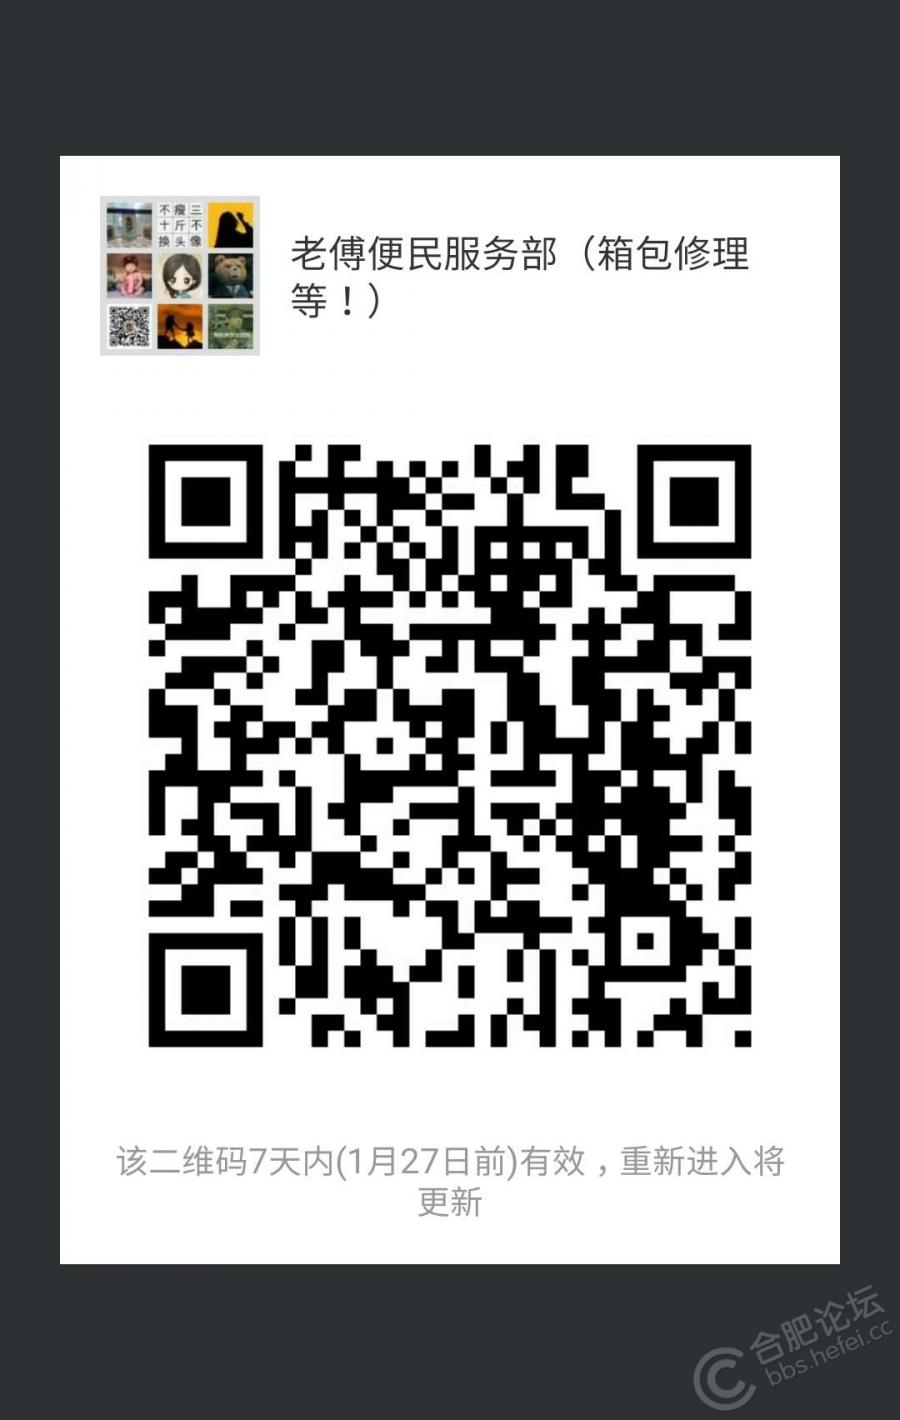 微信图片_20180120135835.jpg